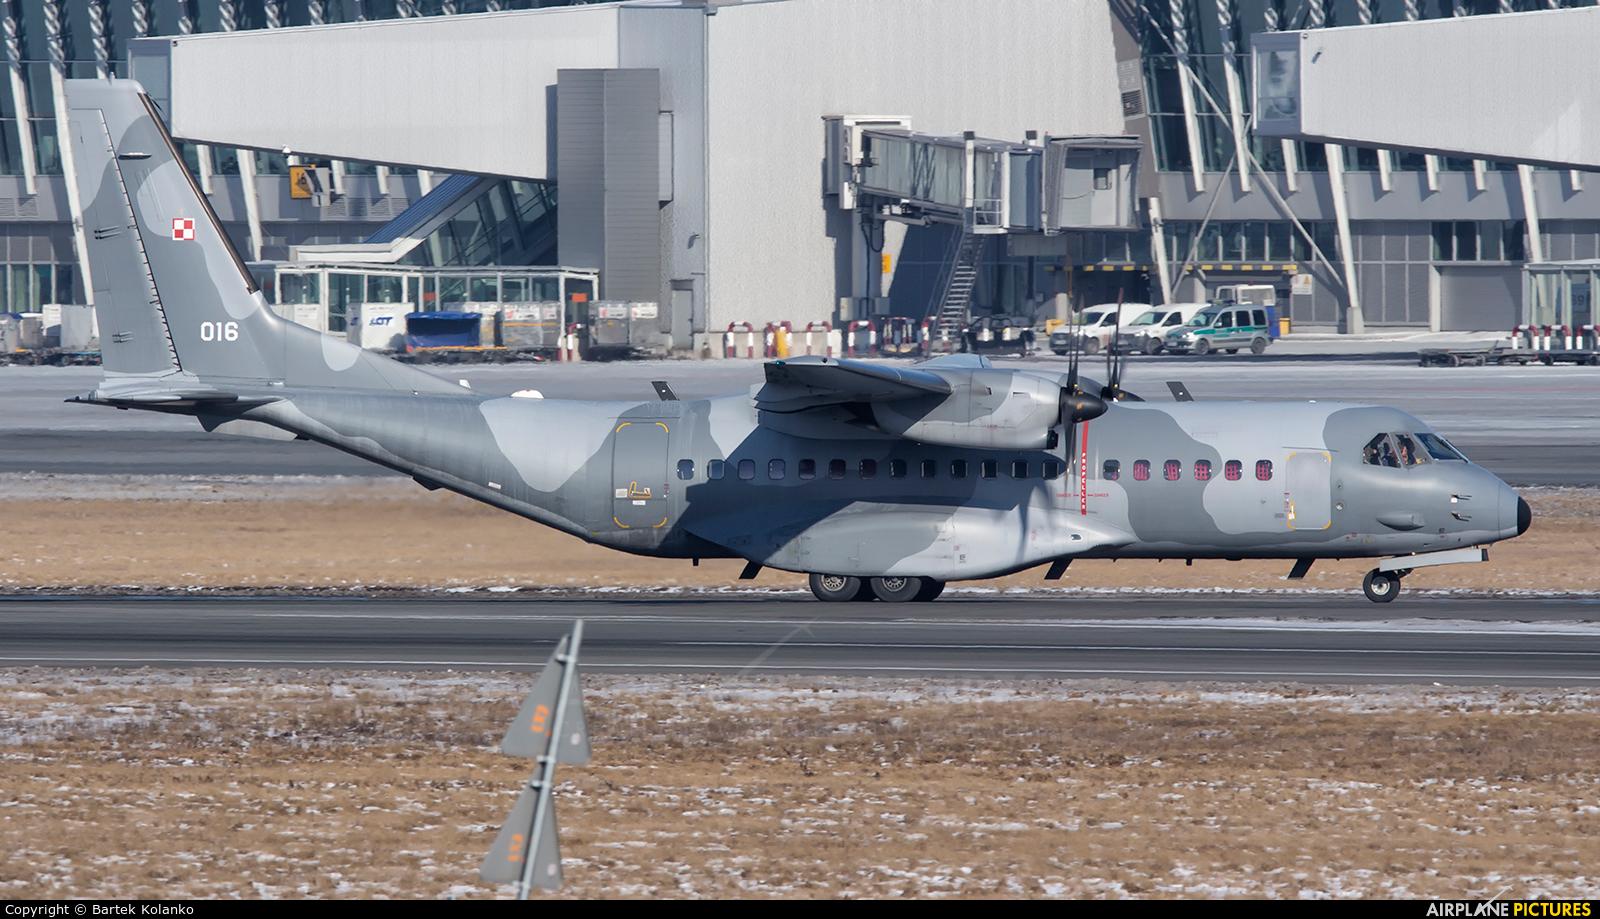 Poland - Air Force 016 aircraft at Warsaw - Frederic Chopin